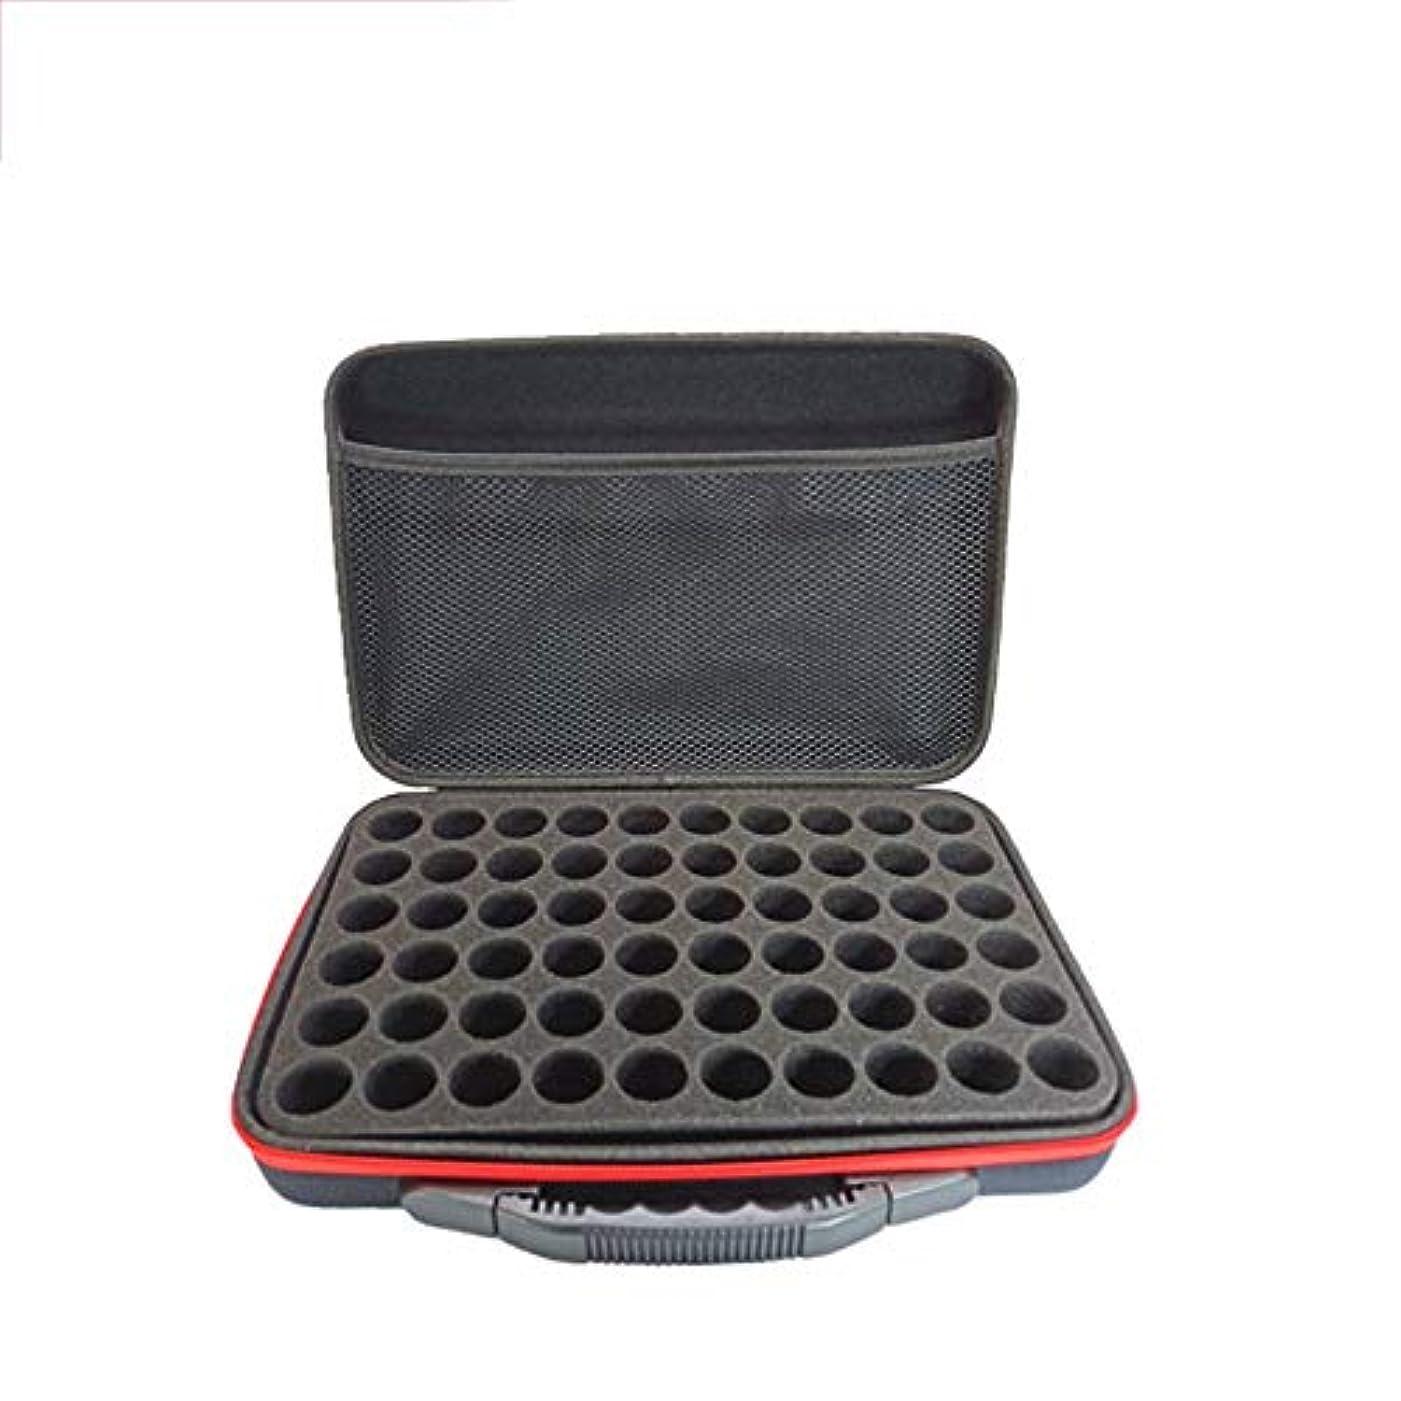 小川検査官権利を与えるエッセンシャルオイルストレージボックス エッセンシャルオイルキャリングケースは、60本のボトルを保持15mlのトラベルオーガナイザーポーチバッグ(ブラック) 旅行およびプレゼンテーション用 (色 : ブラック, サイズ : 32X22X9CM)